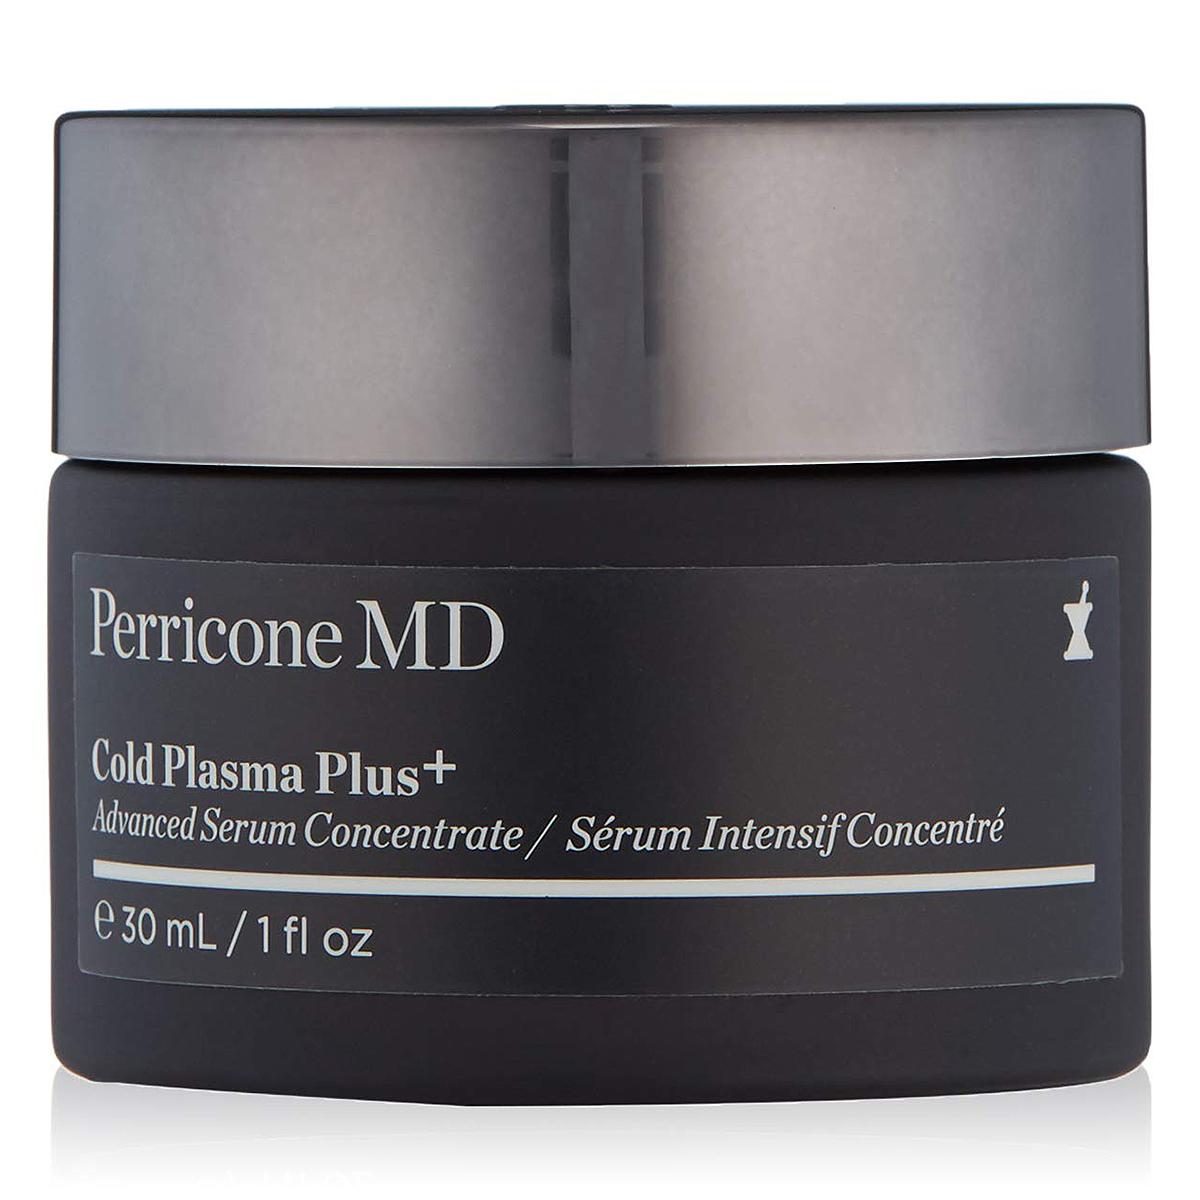 botox-alternative-prime-day-deals-perricone-md-cream